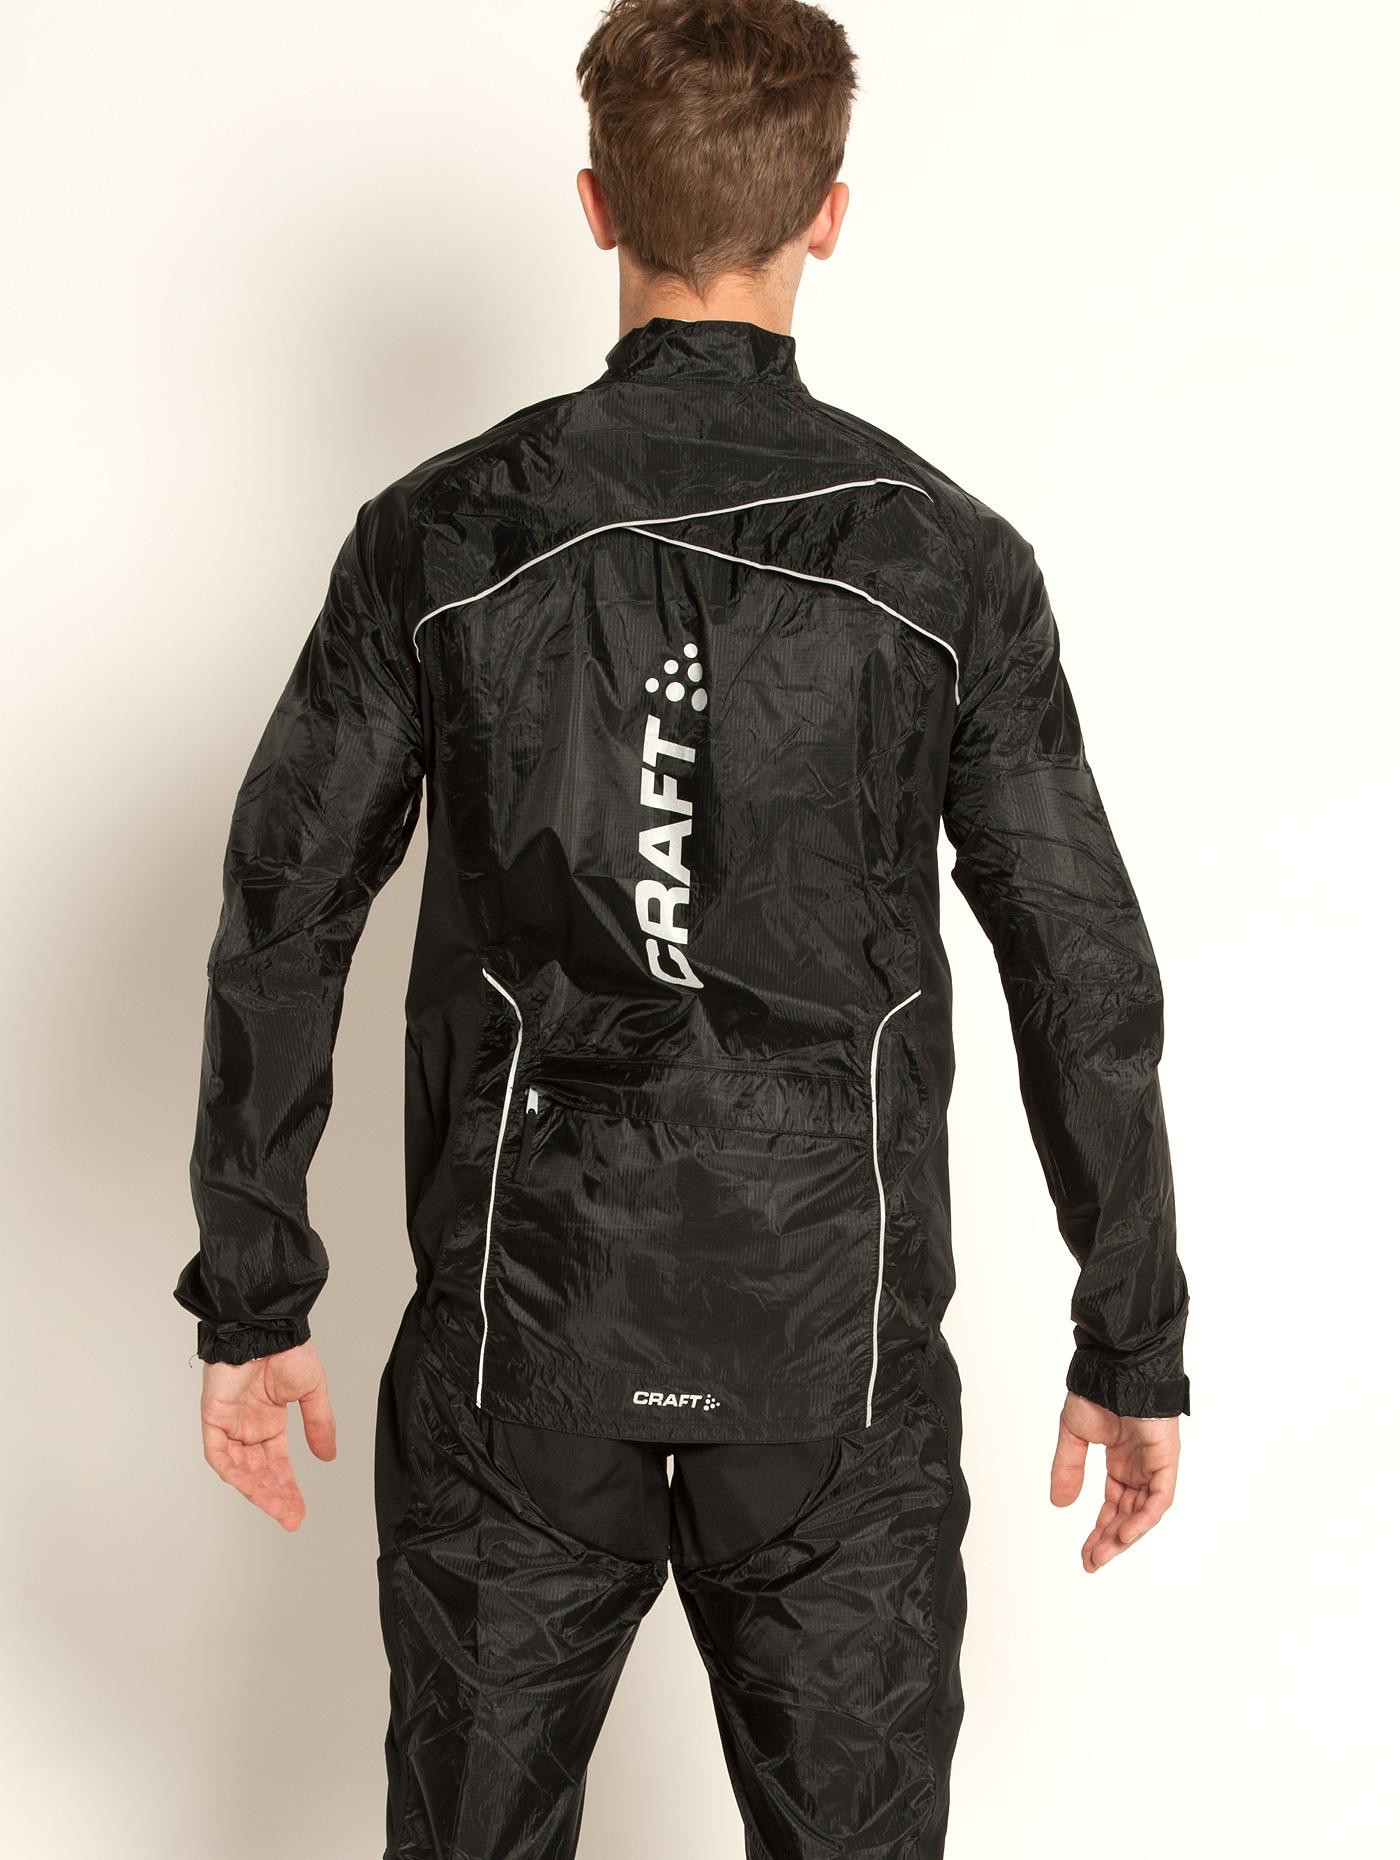 Велокуртка Craft Performance Rain мужская черная - 3